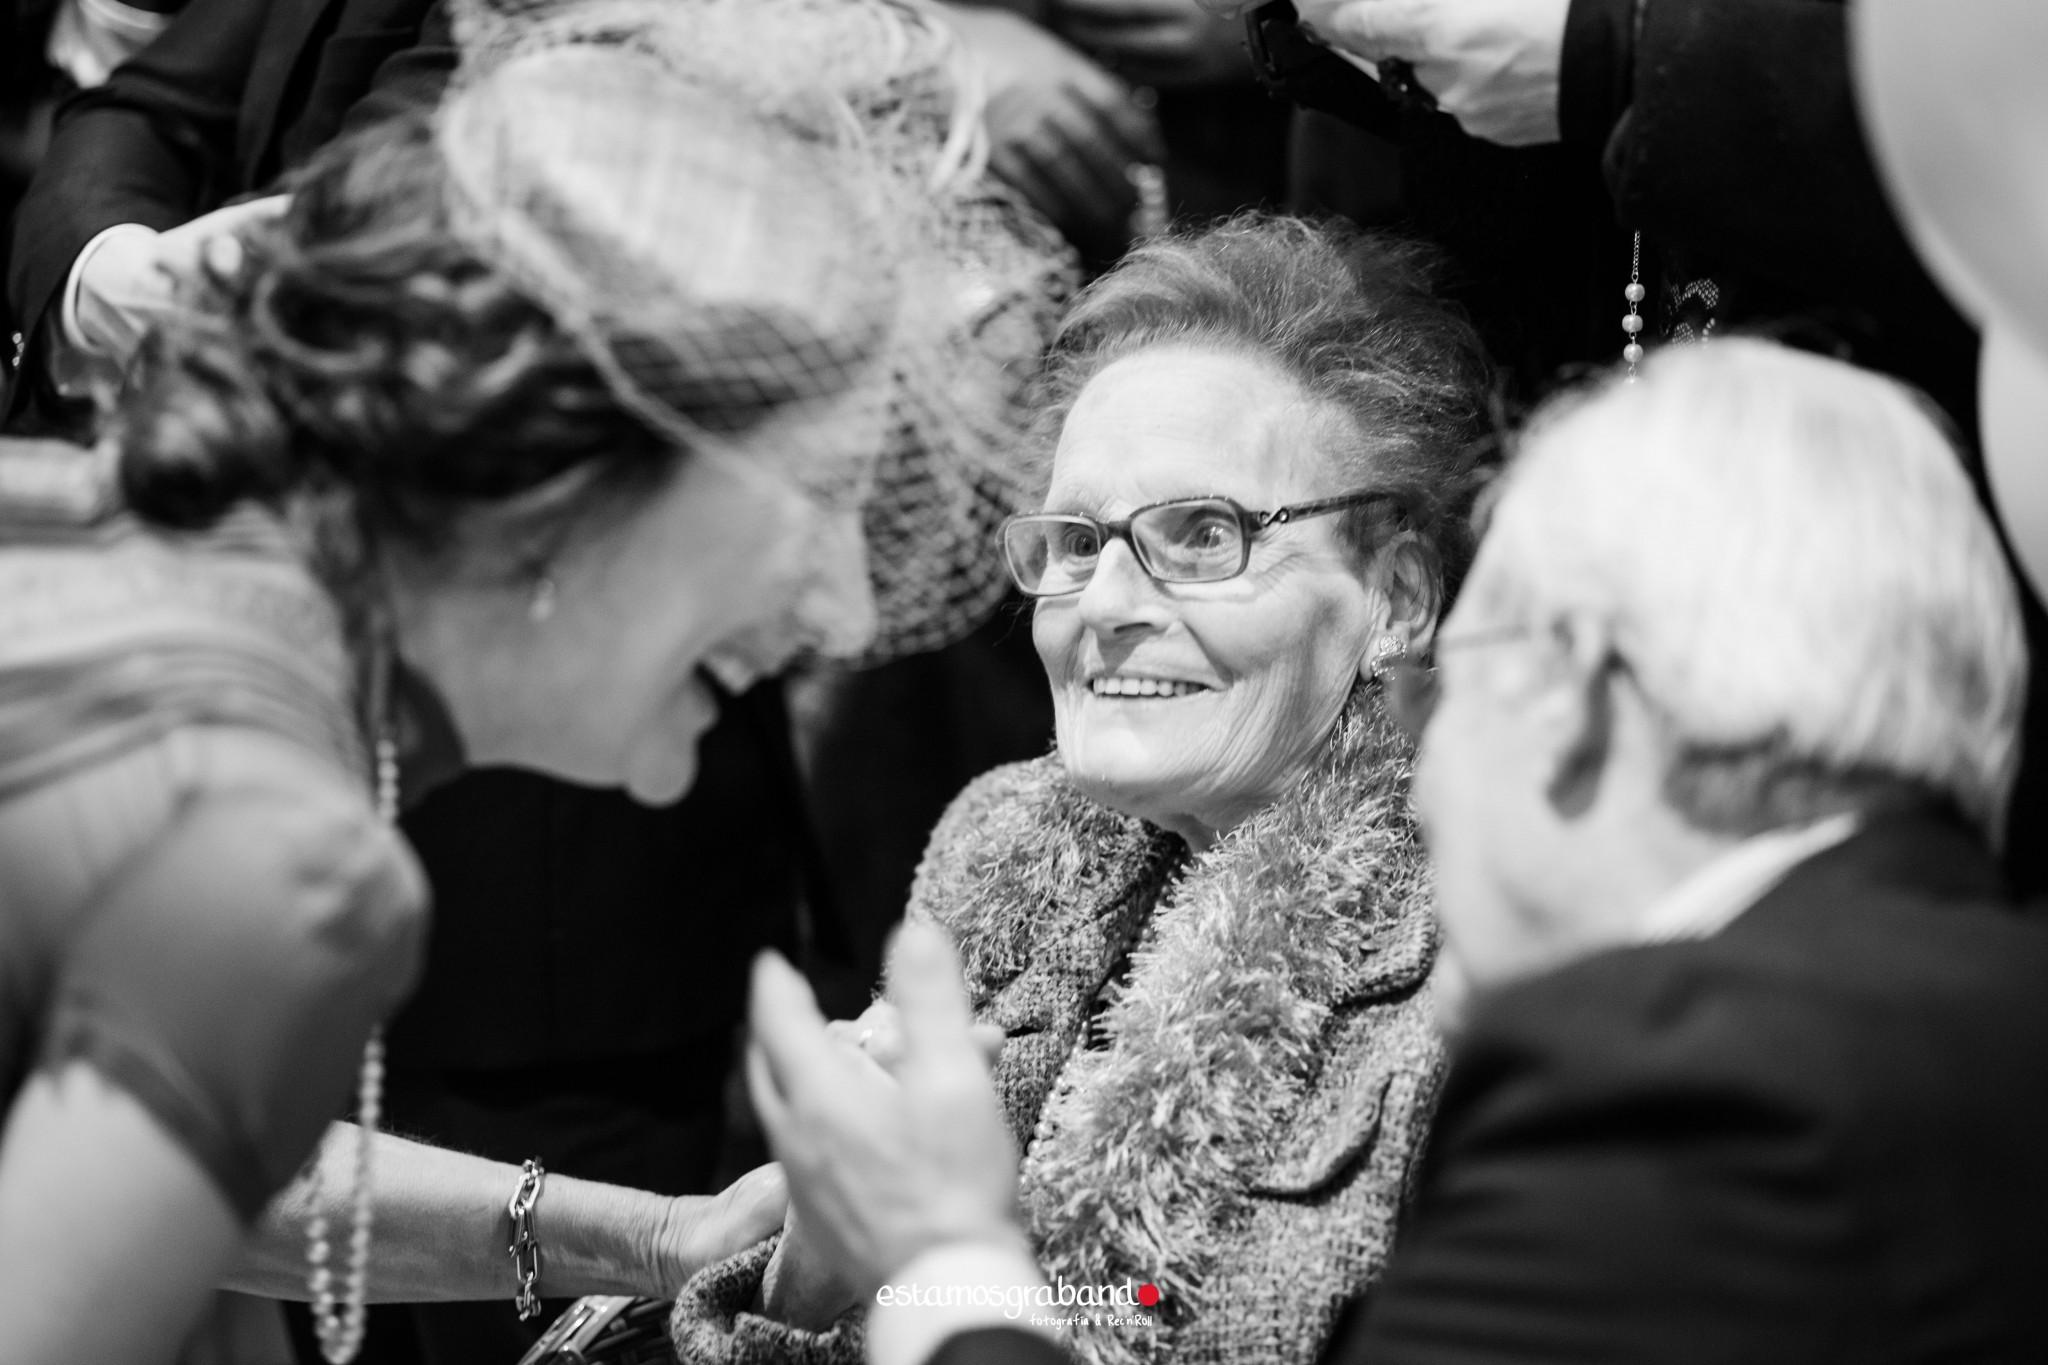 Años-20-BBTP-55-de-109 Los locos Años 20 [Fotografía en La Teta de Julieta, Cádiz] - video boda cadiz